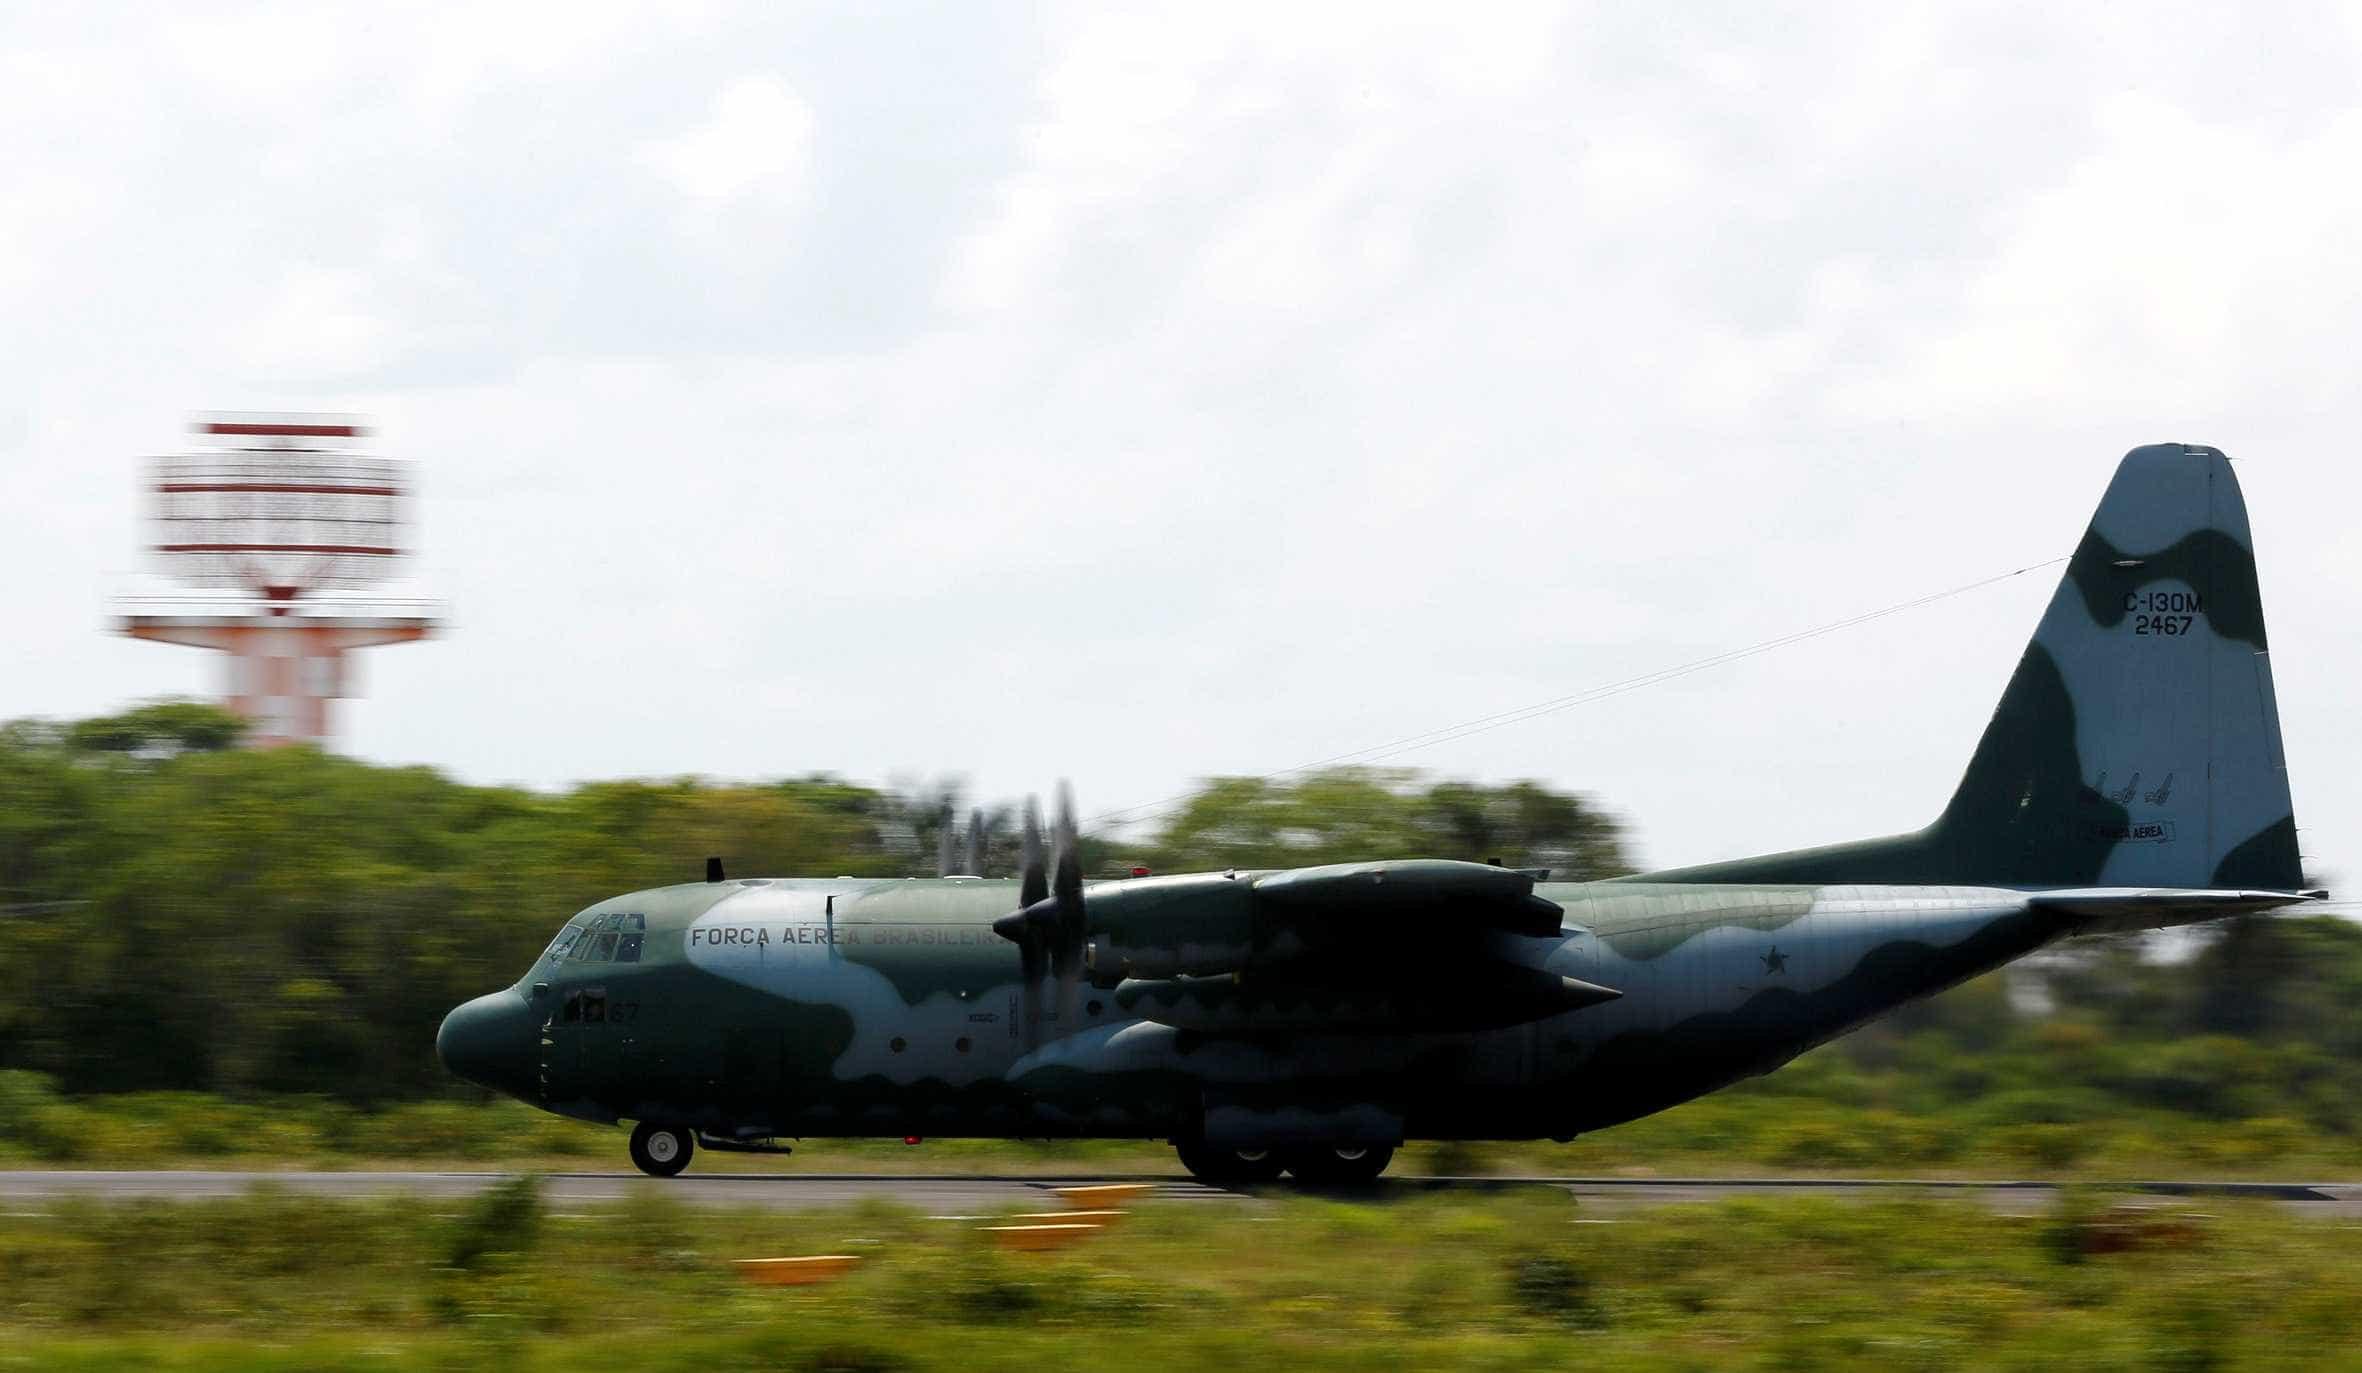 Em semana de greve, autoridades usam aviões da FAB para viajar